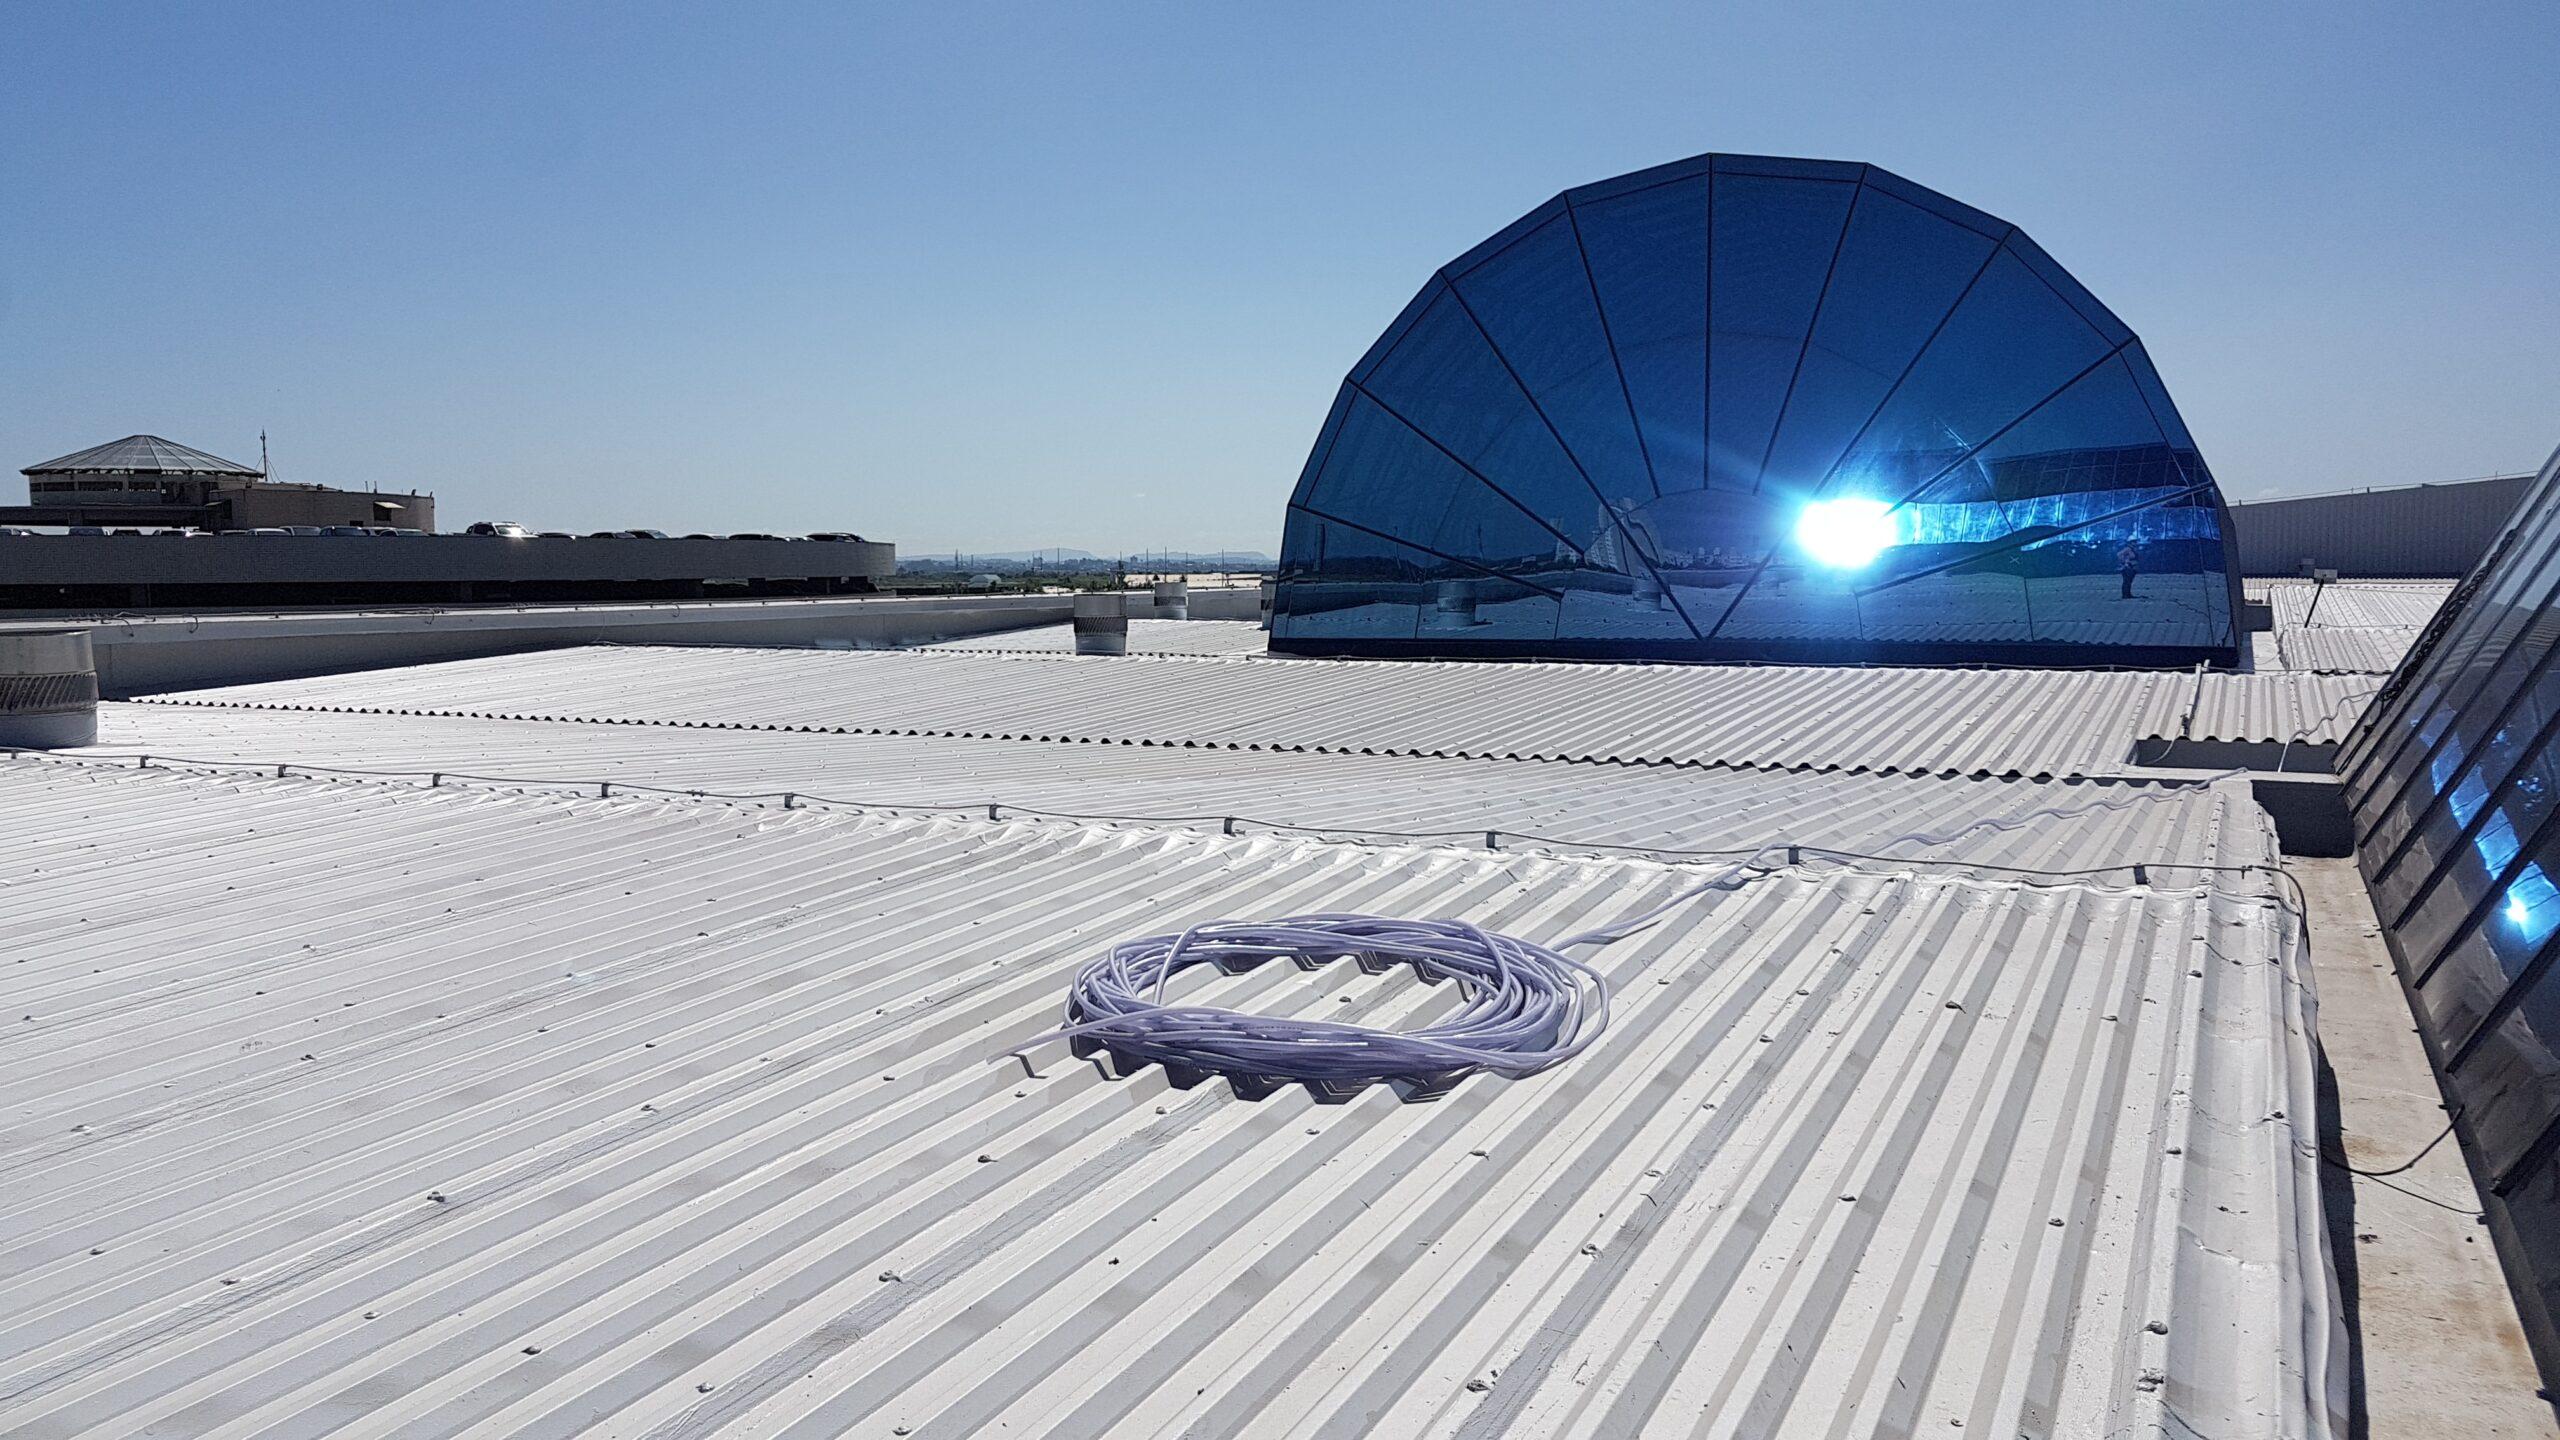 Korzyści z wykorzystania technologii chłodnego dachu